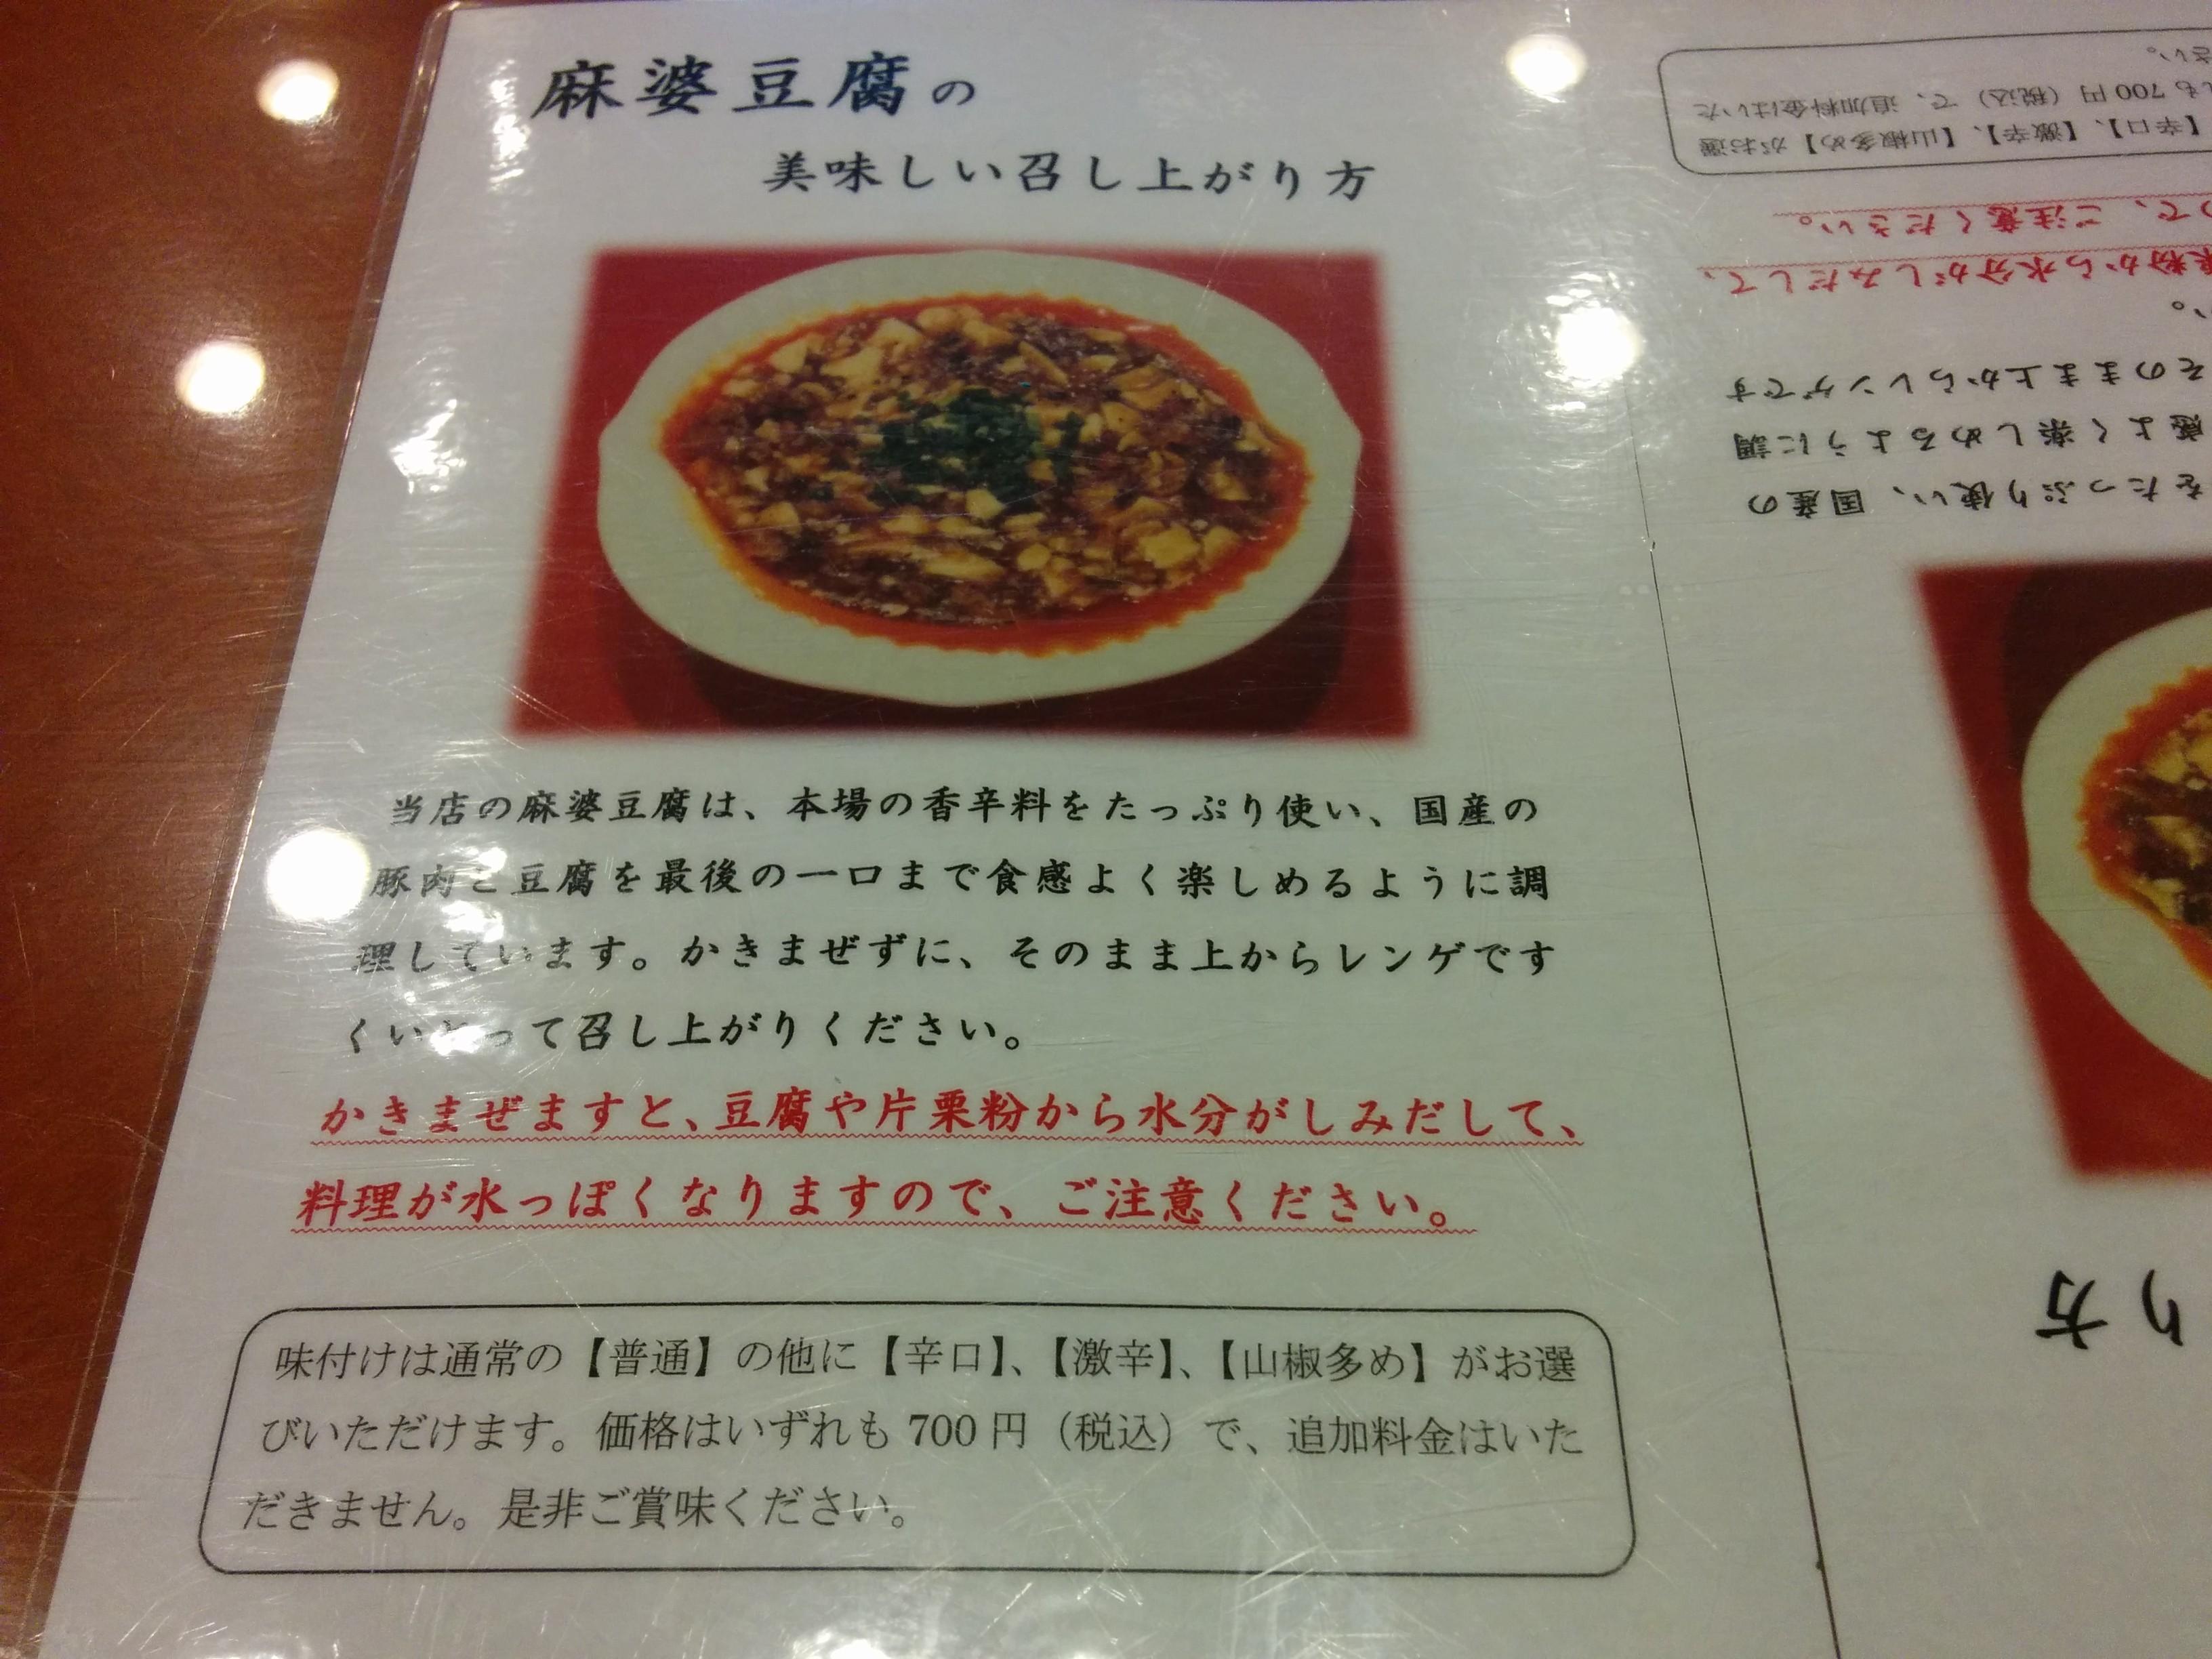 中国食府 双龍居 麻婆豆腐の辛さを選べるようになる(だが未だに喫煙・禁煙は選べない)